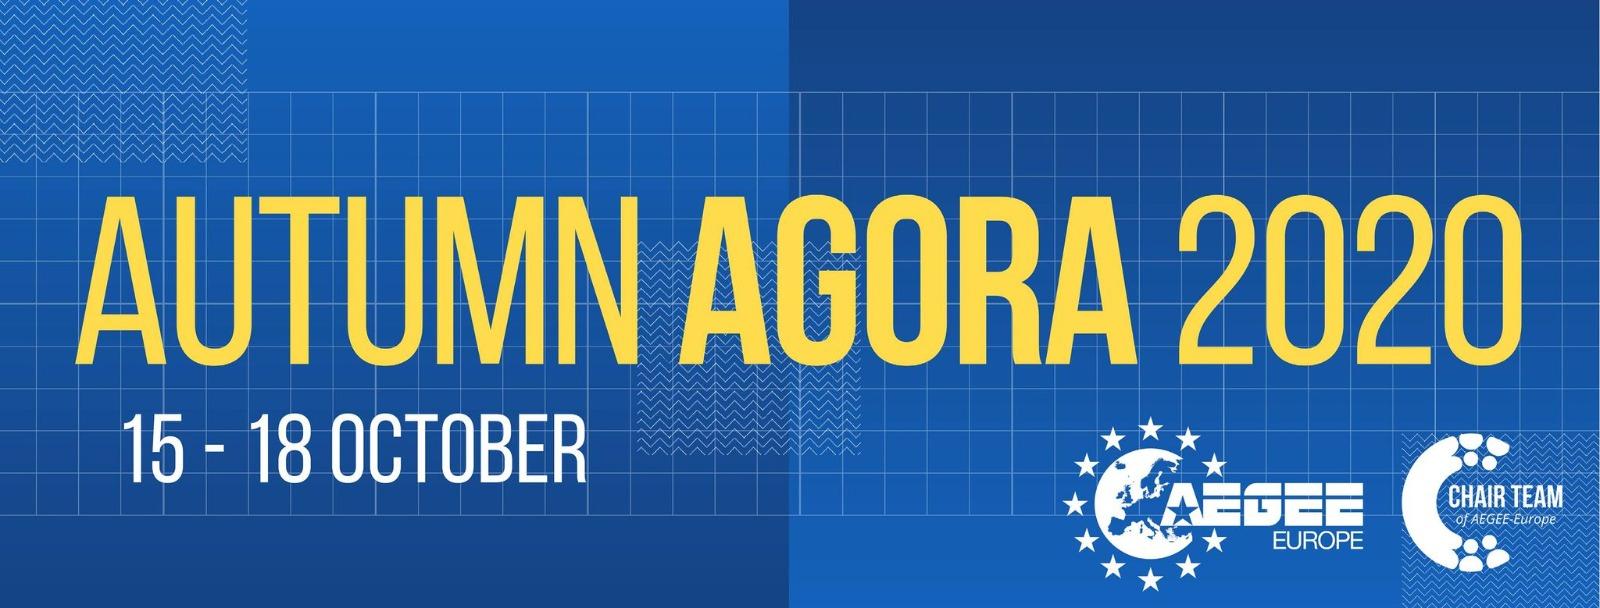 Autumn Agora Online